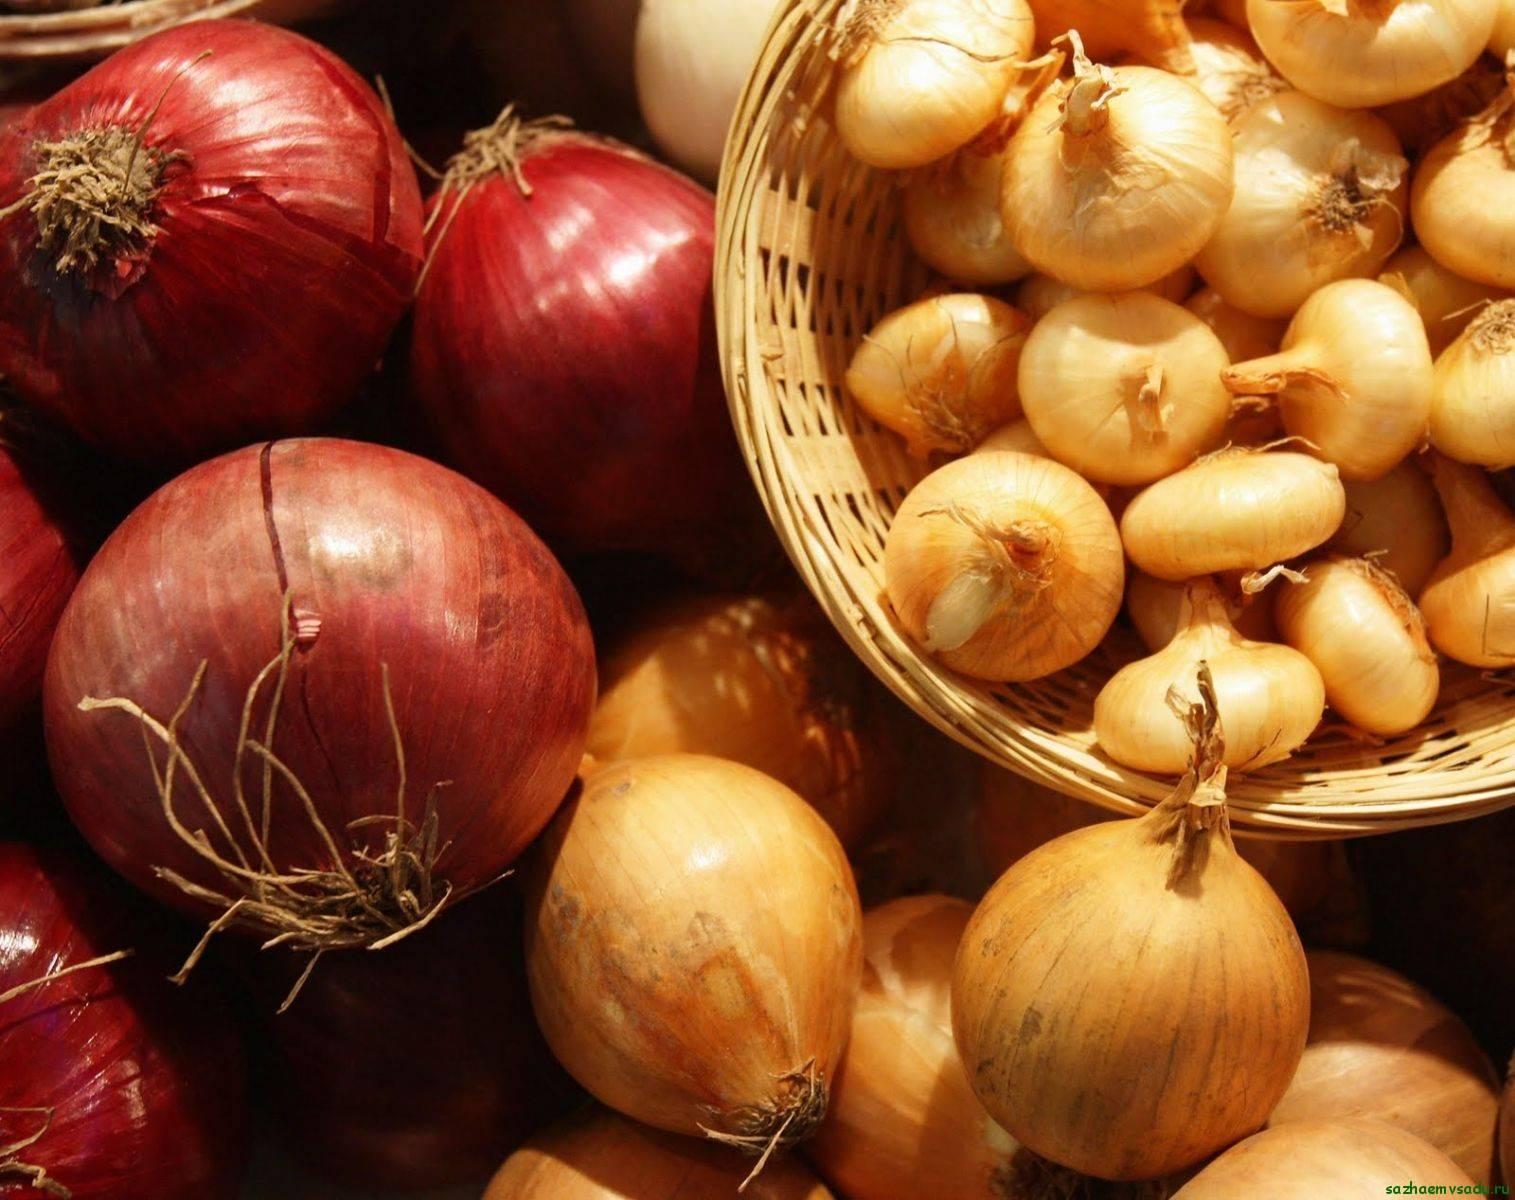 Семейный лук: особенности агротехники, описание сортов и ухода, фото урожая